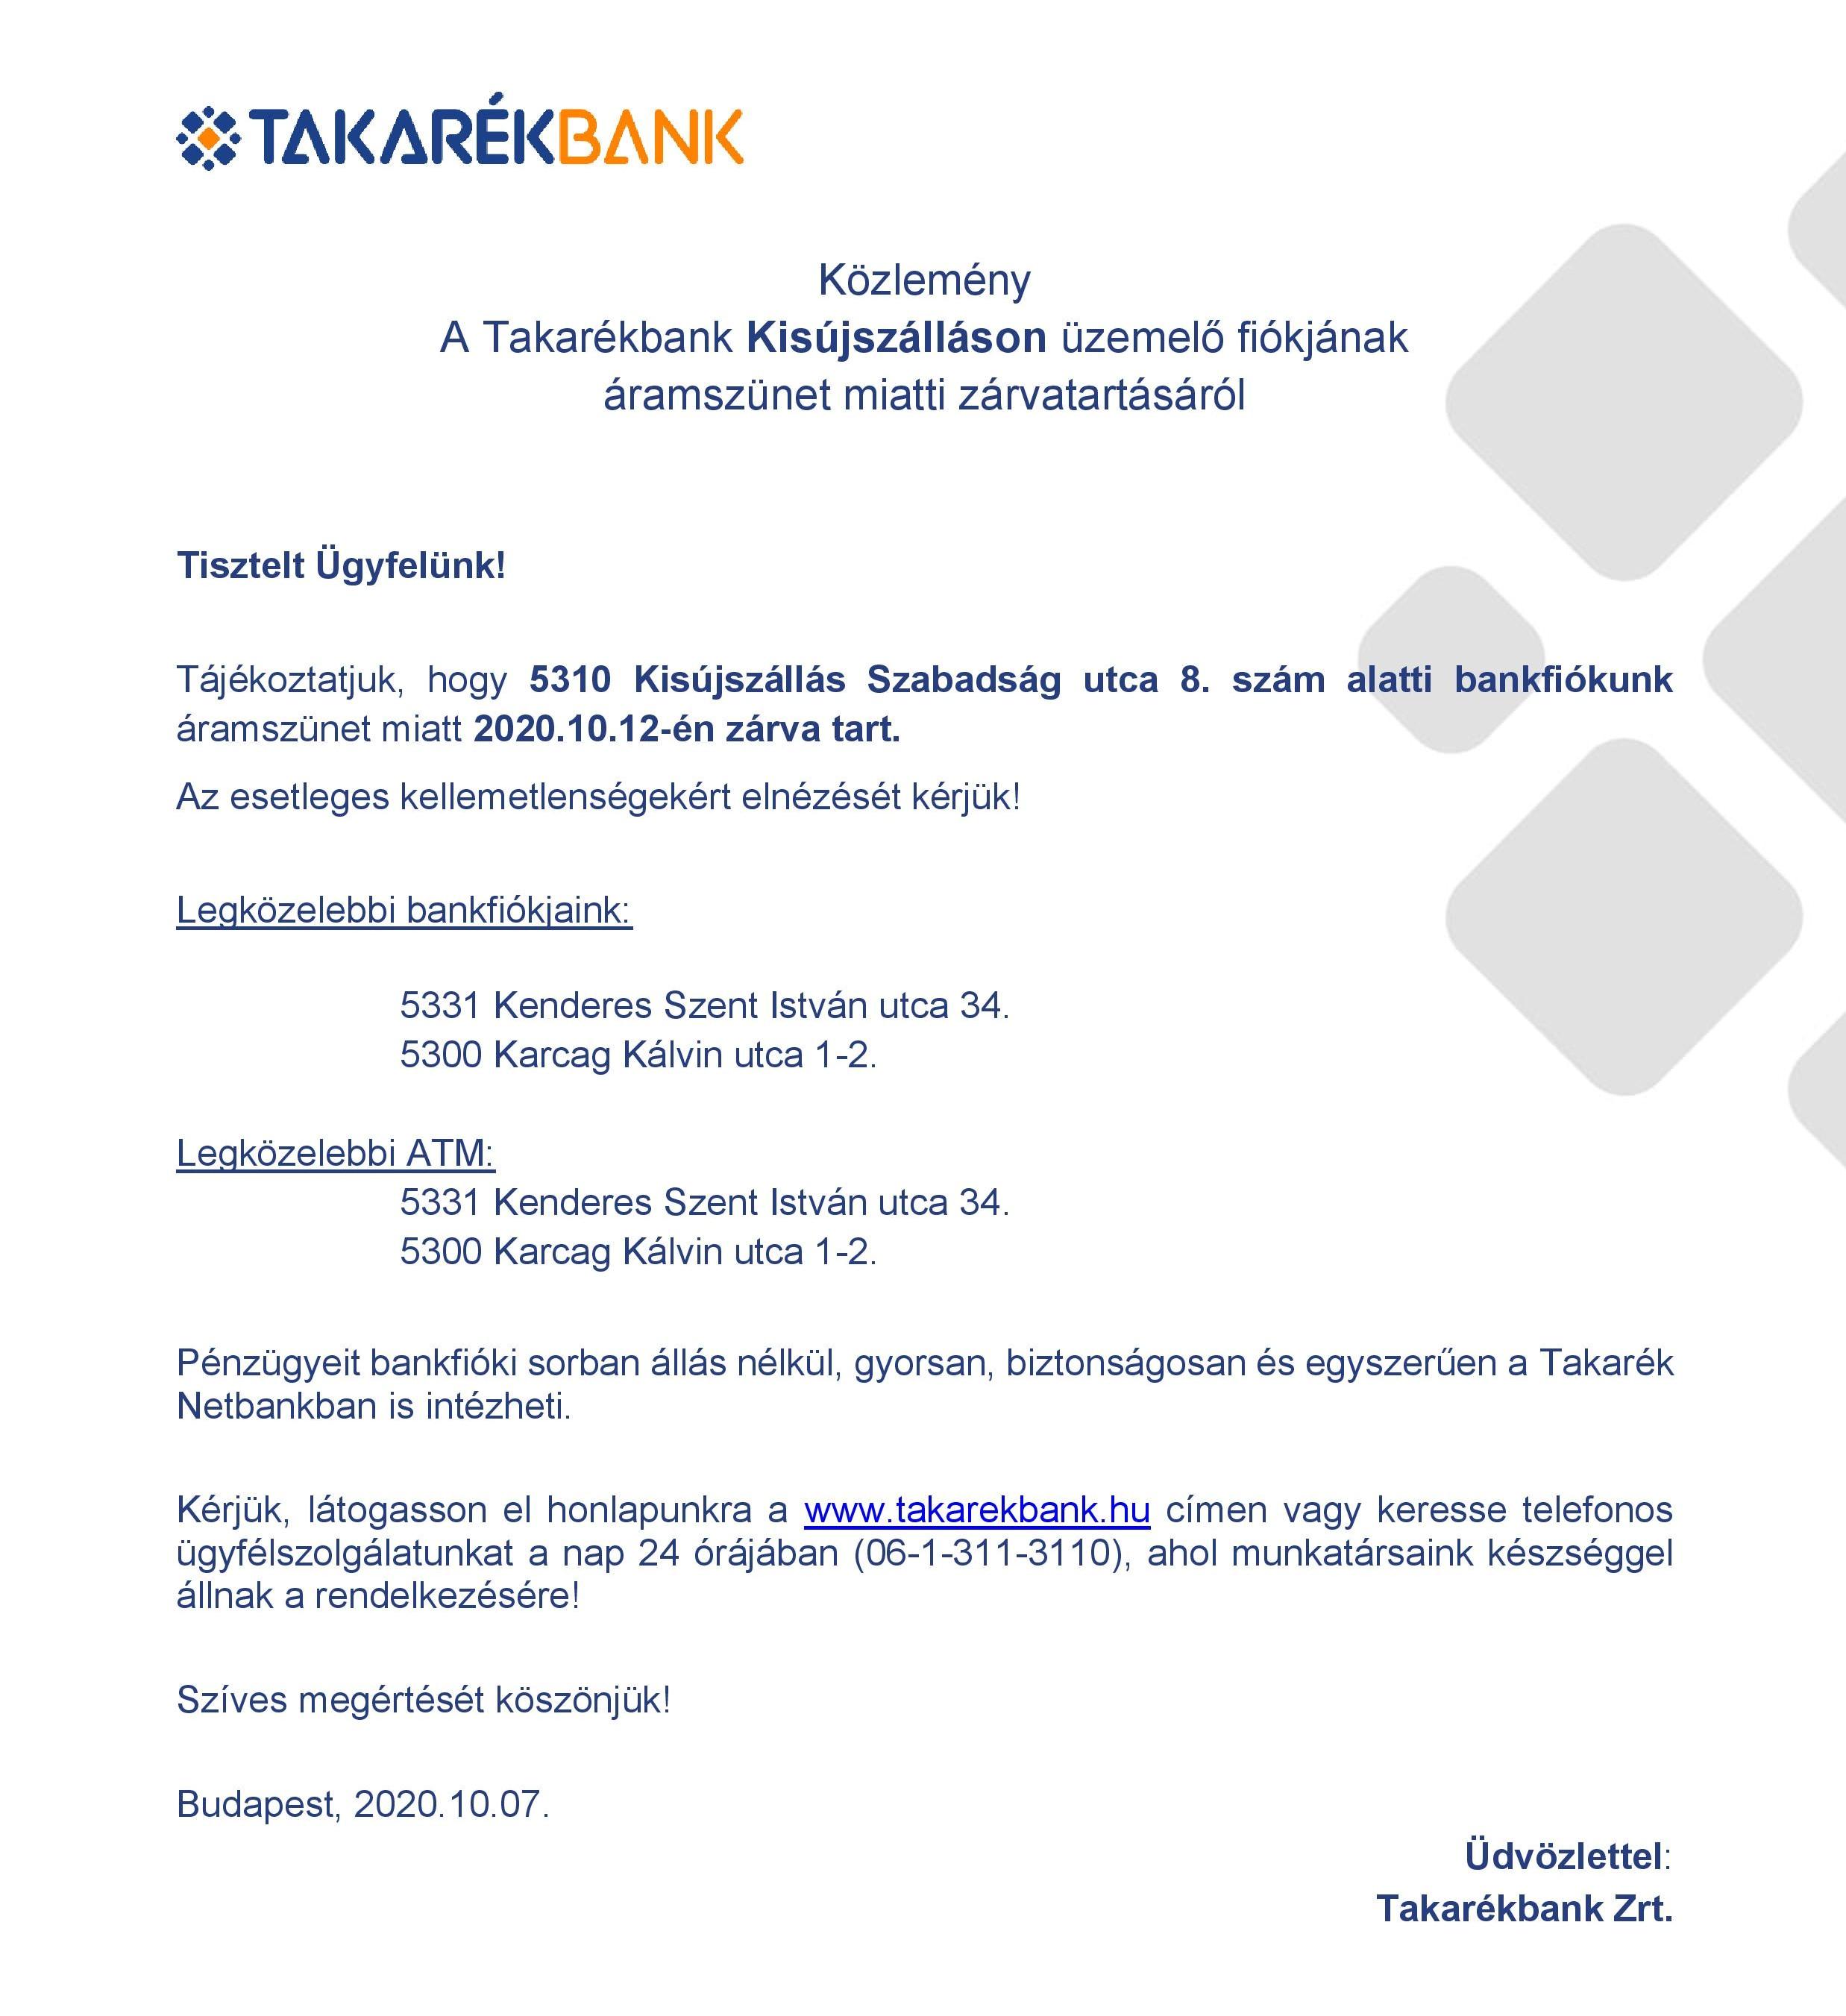 A Takarékbank közleménye